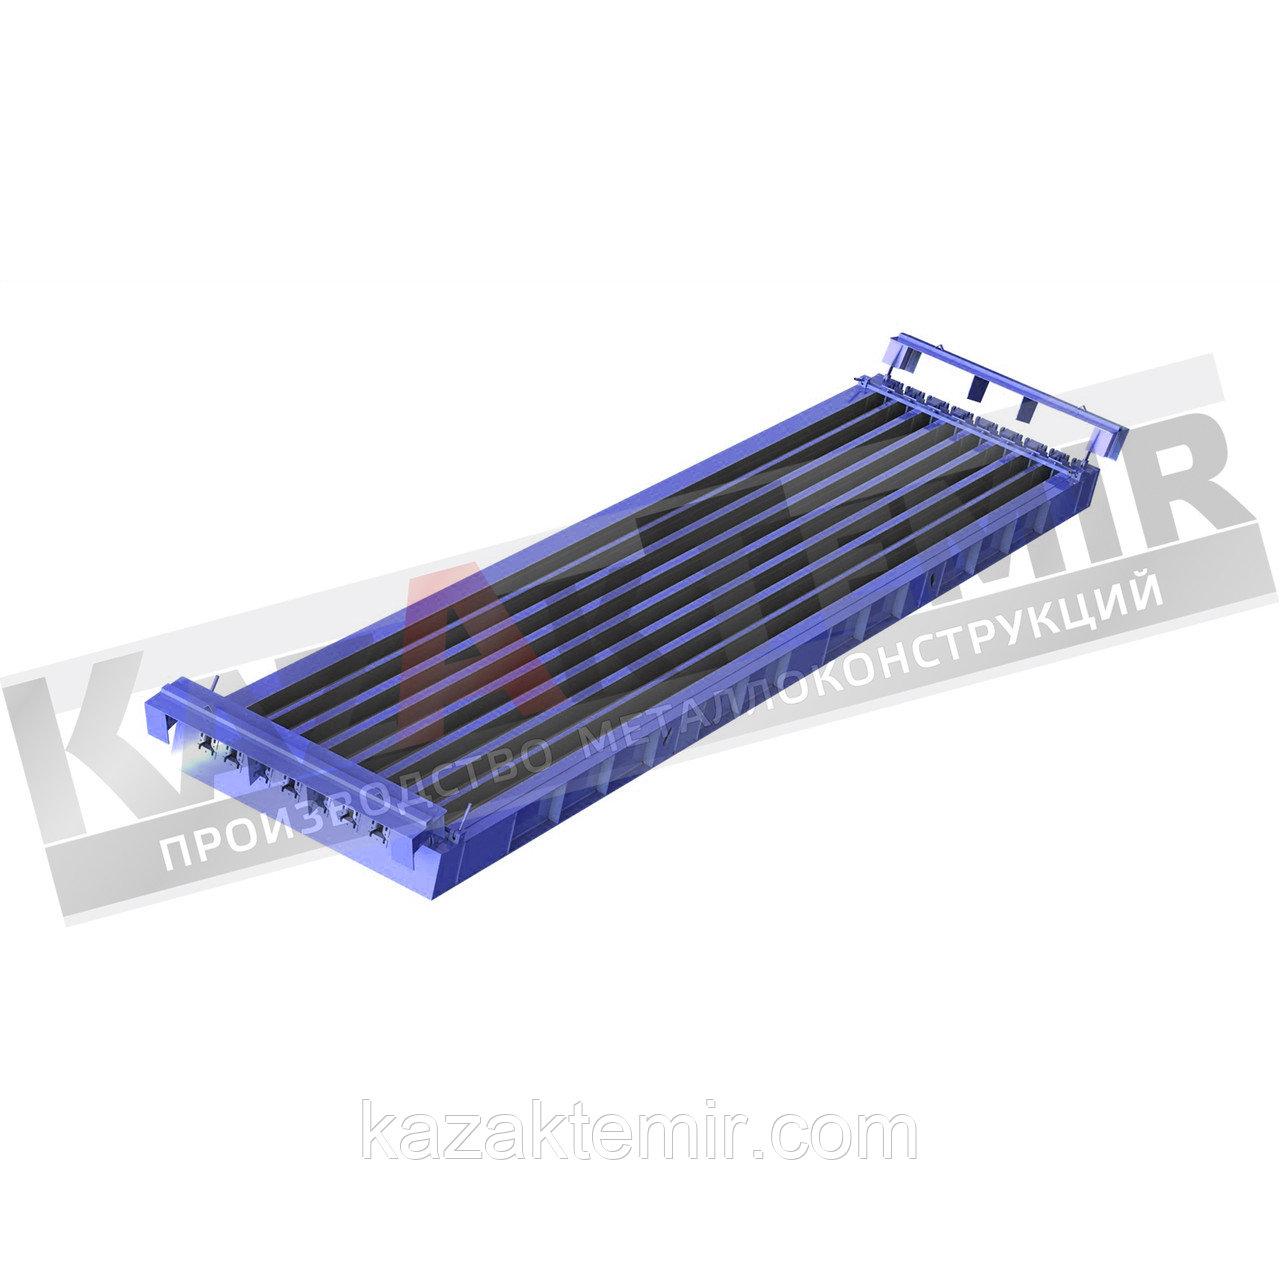 СВ 110 на 8 изделии (металлоформа)